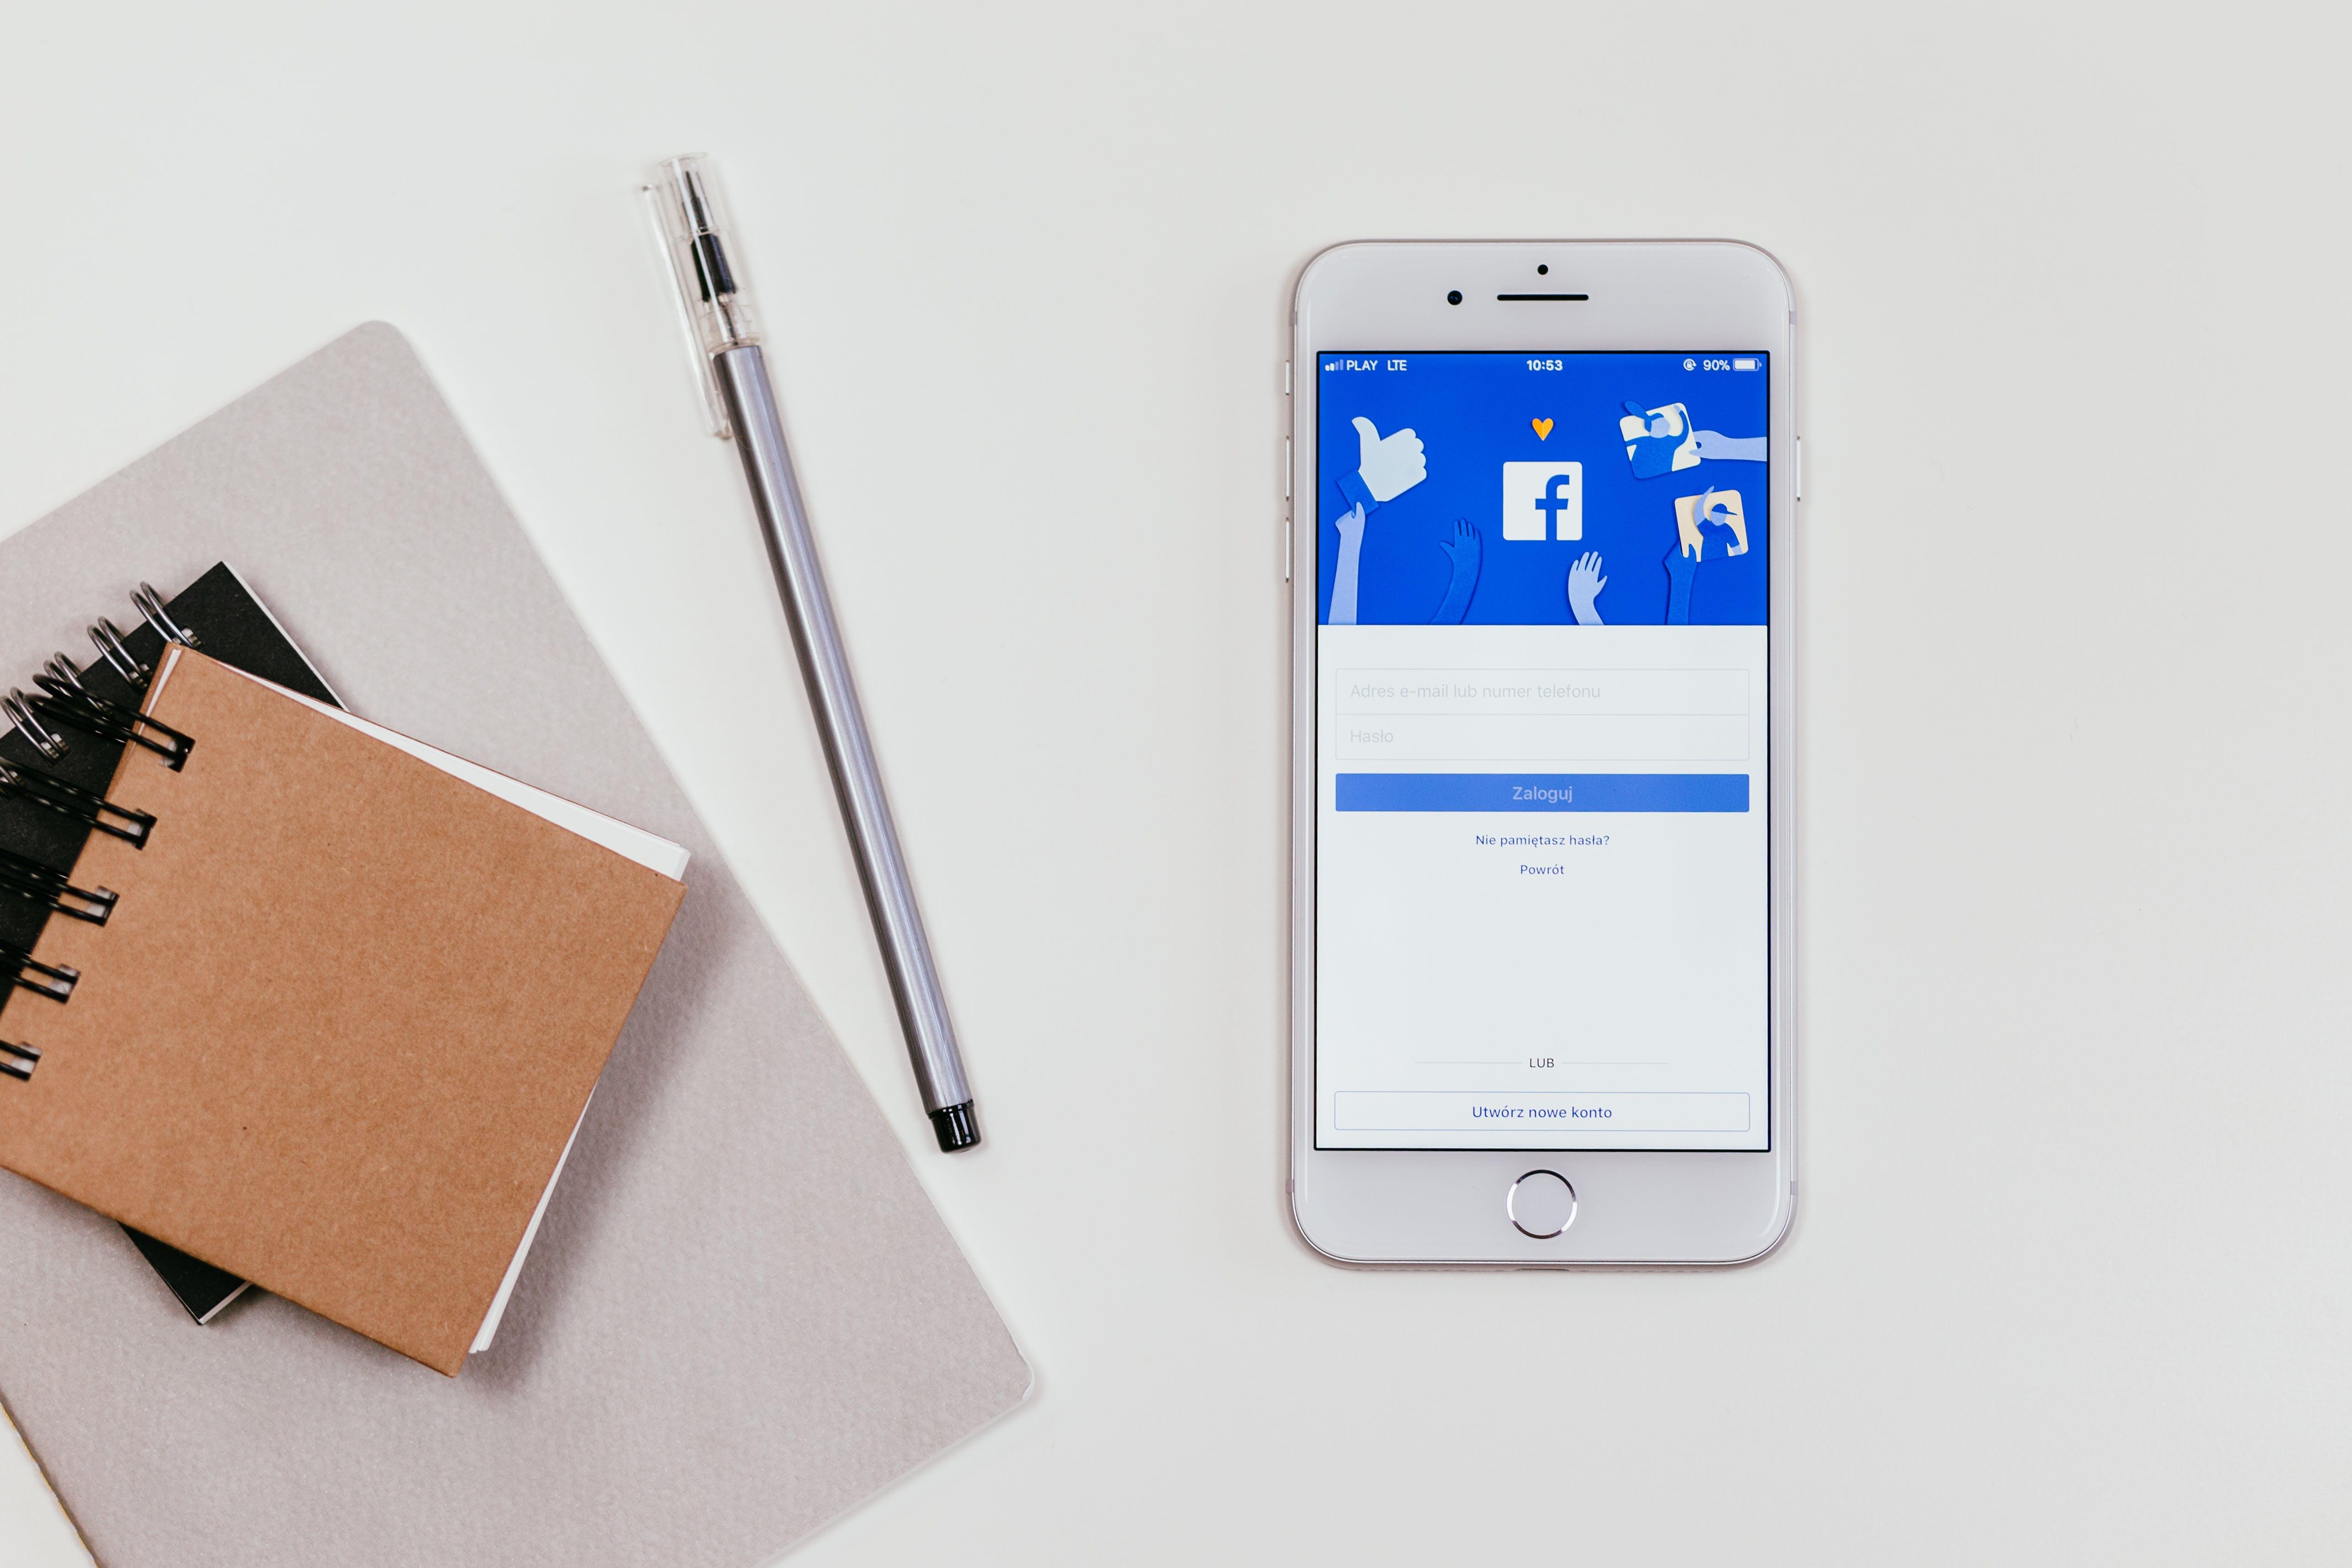 Comment bloquer un numéro de téléphone sur votre iPhone